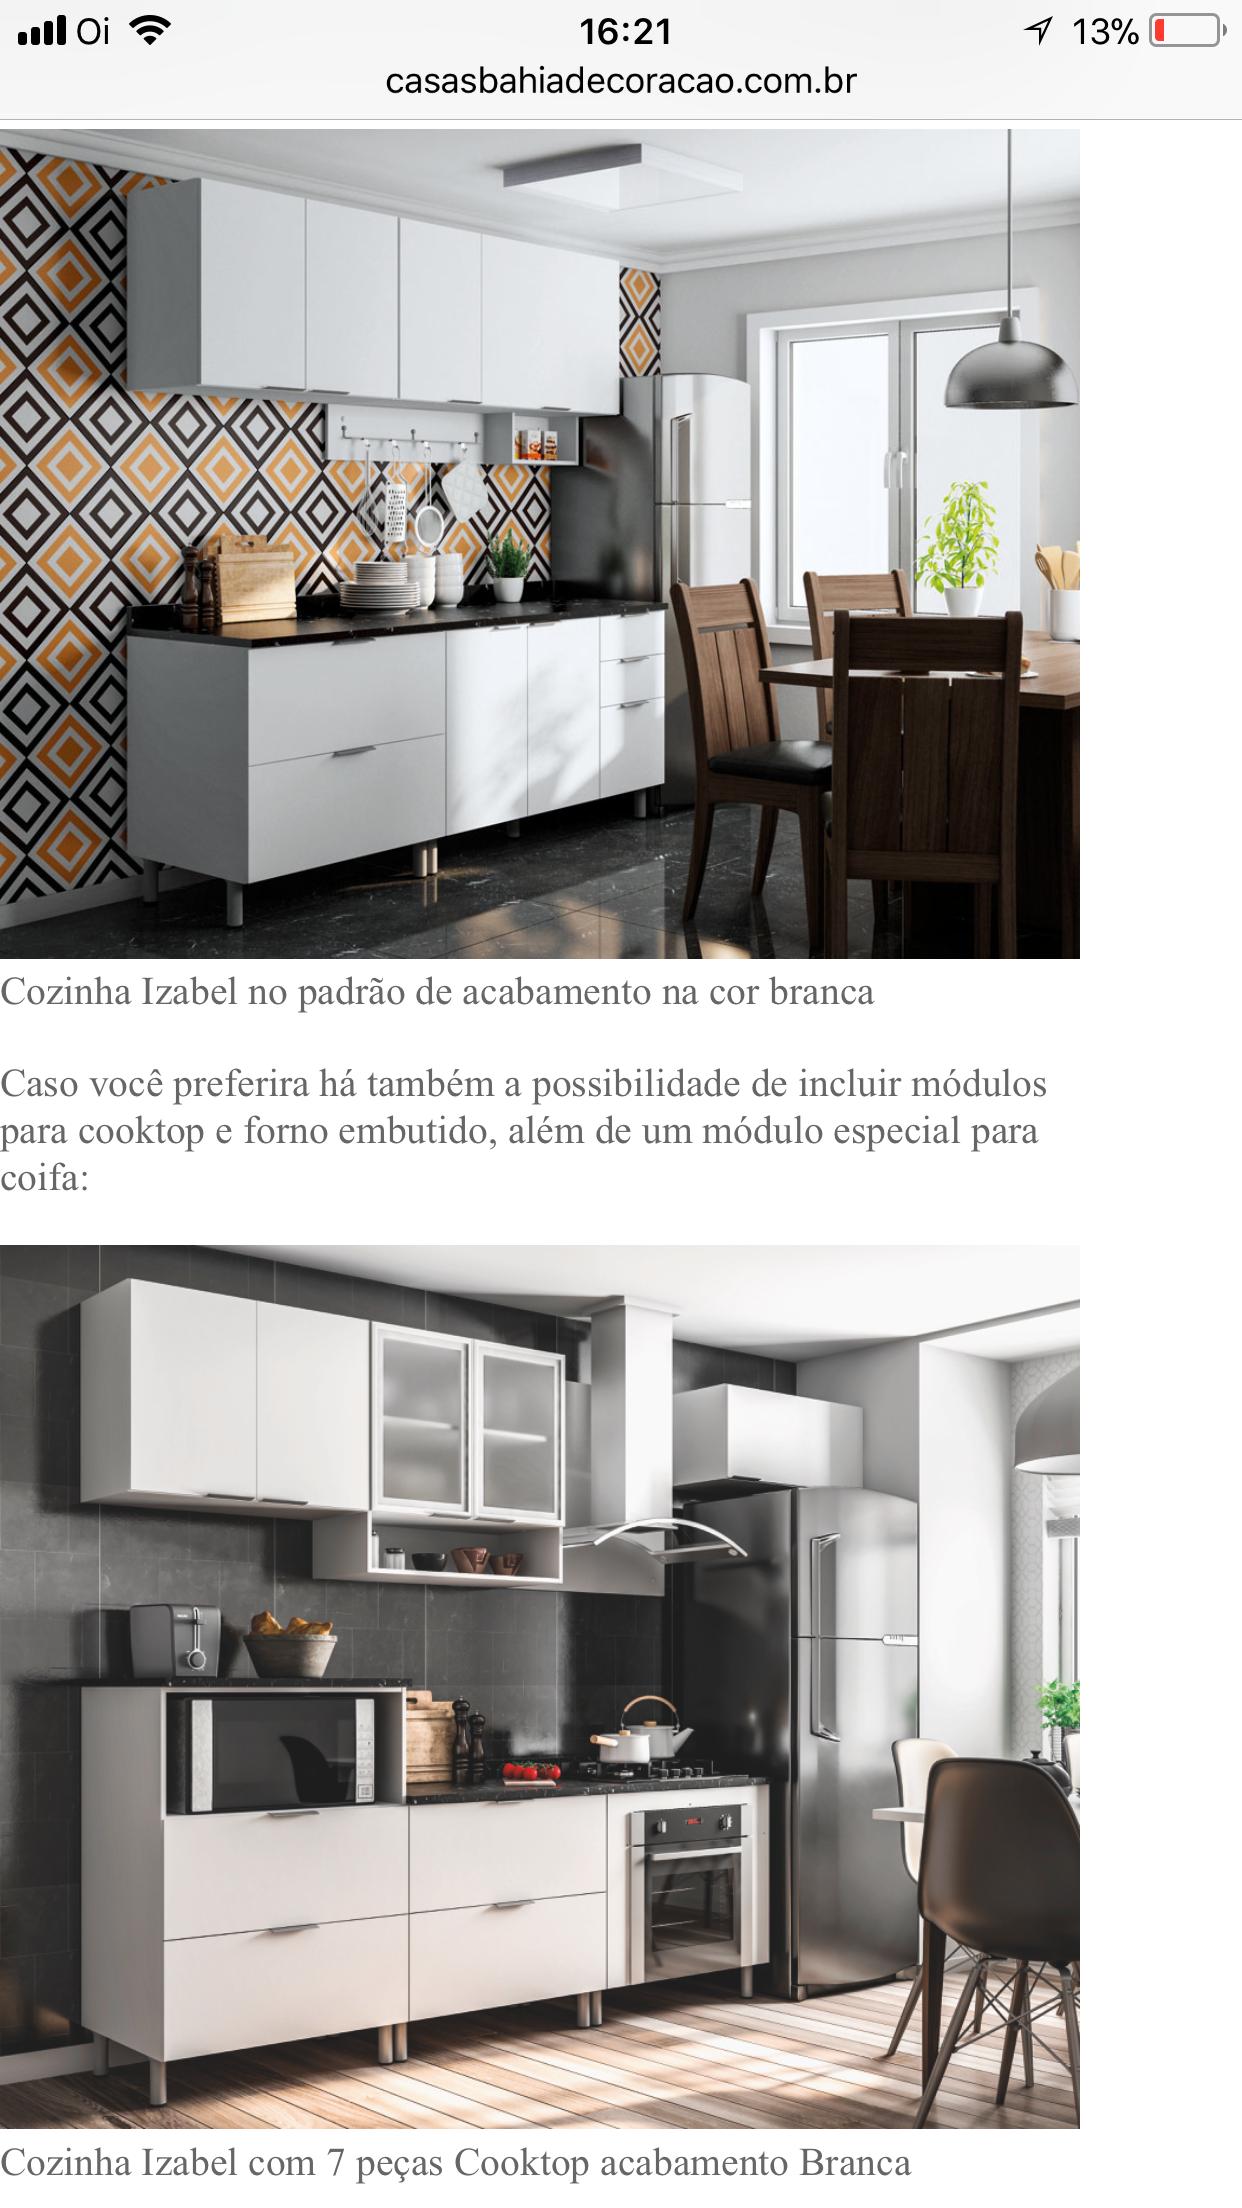 Armario De Cozinha Izabel Confira Incrveis Cozinhas Modernas Que